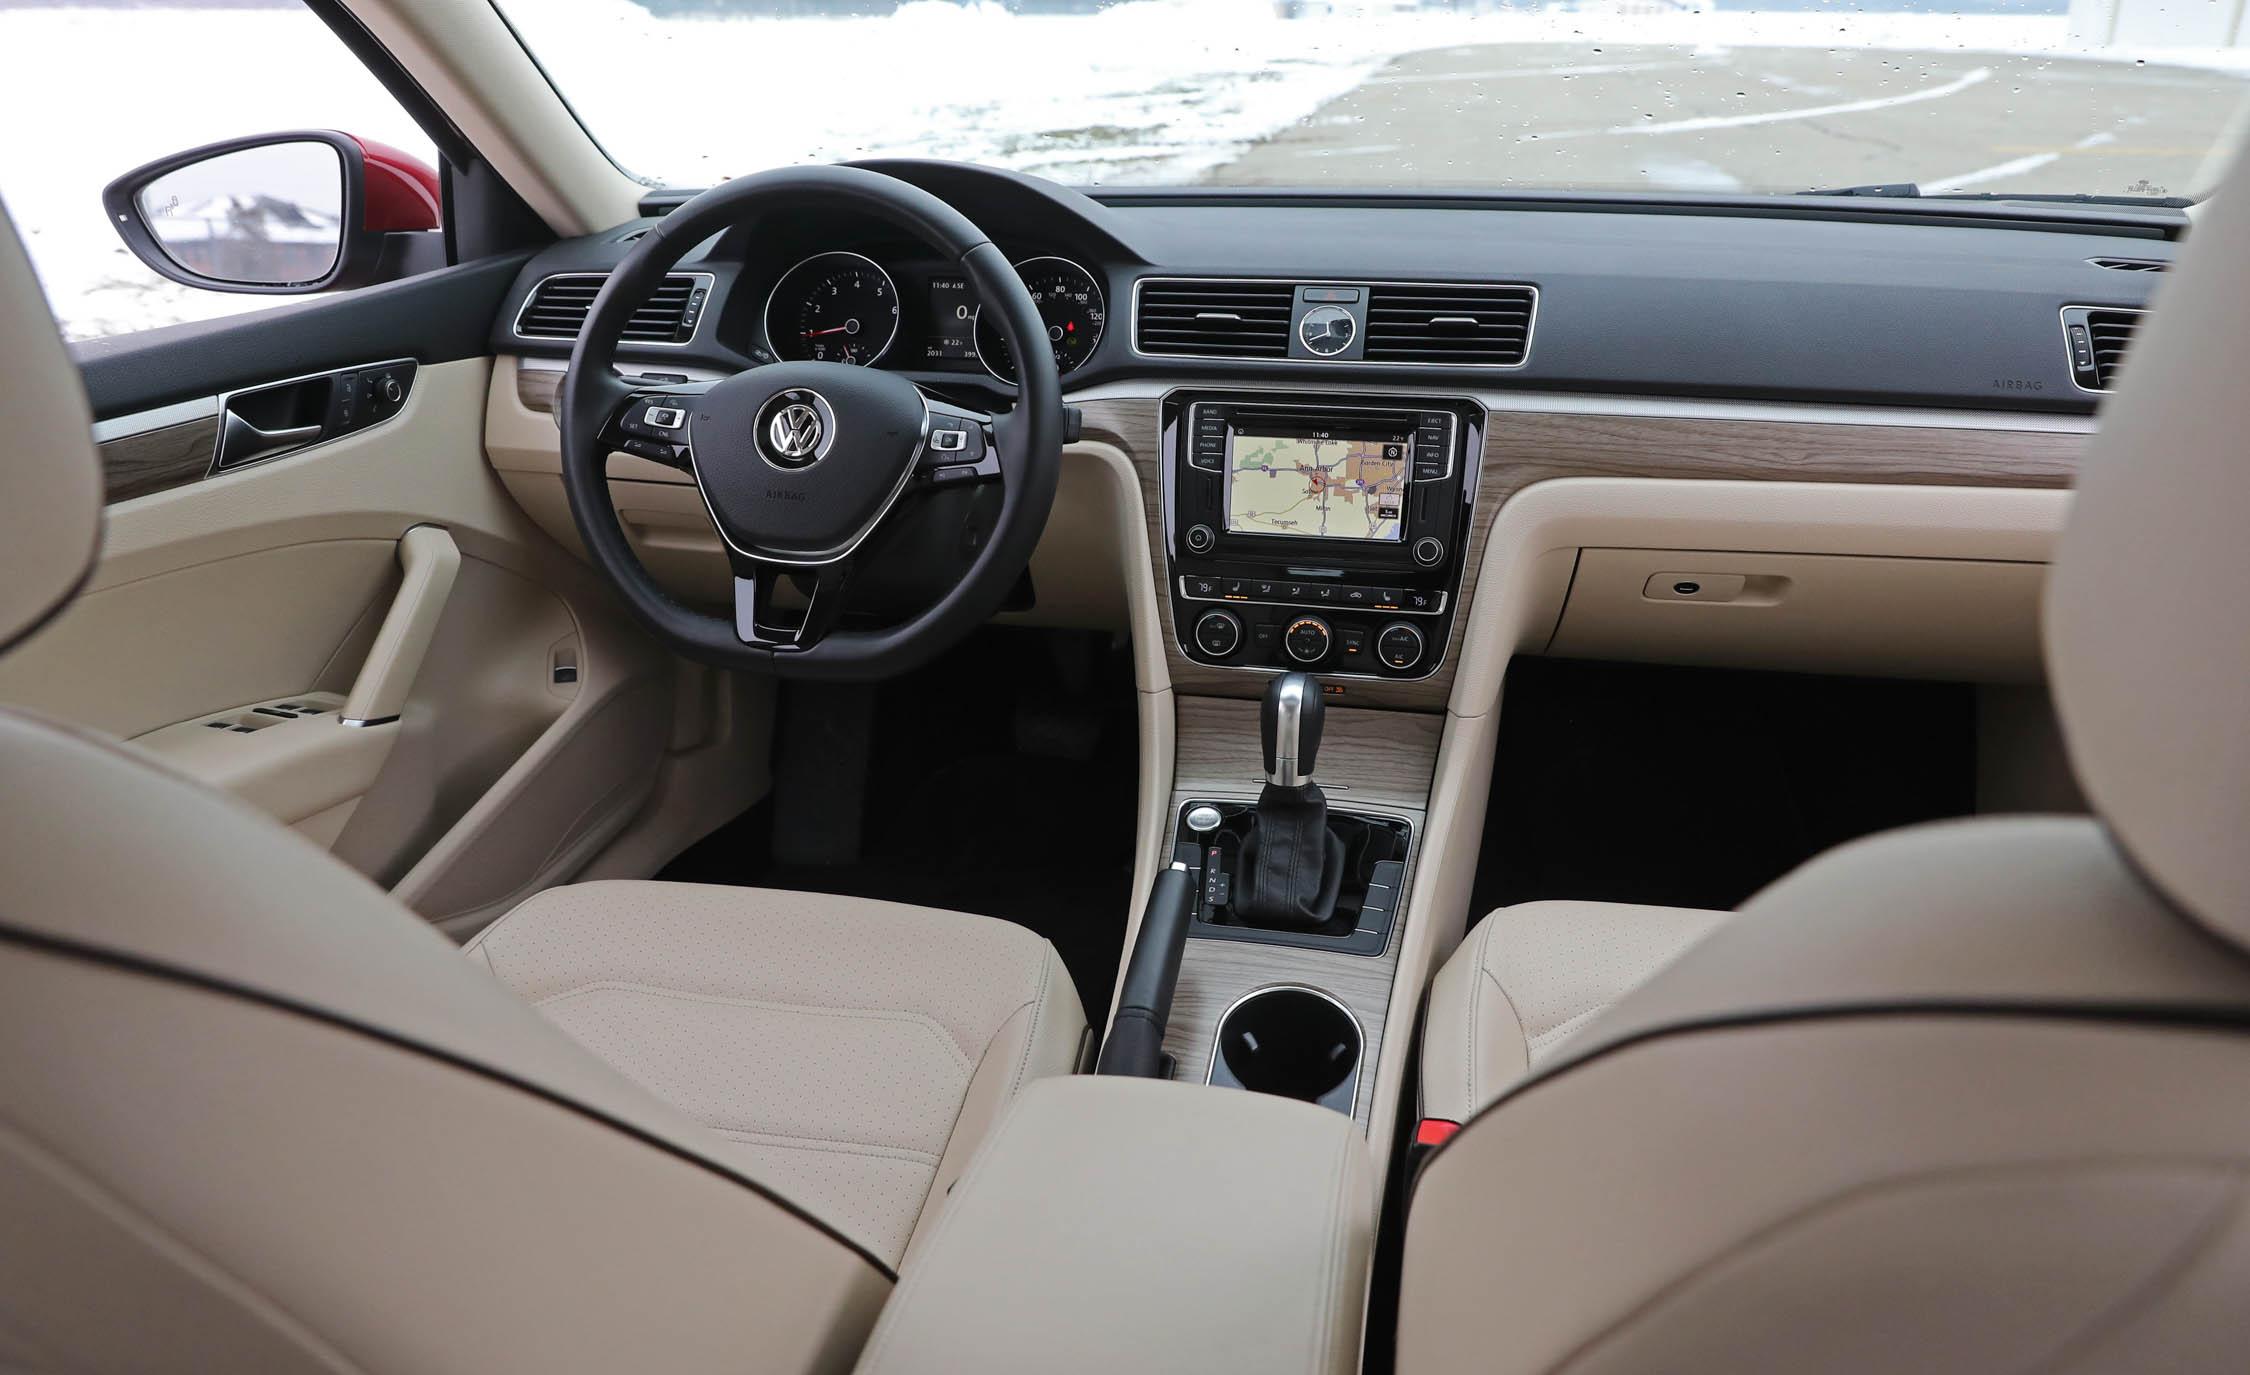 2017 Volkswagen Passat (Photo 20 of 24)